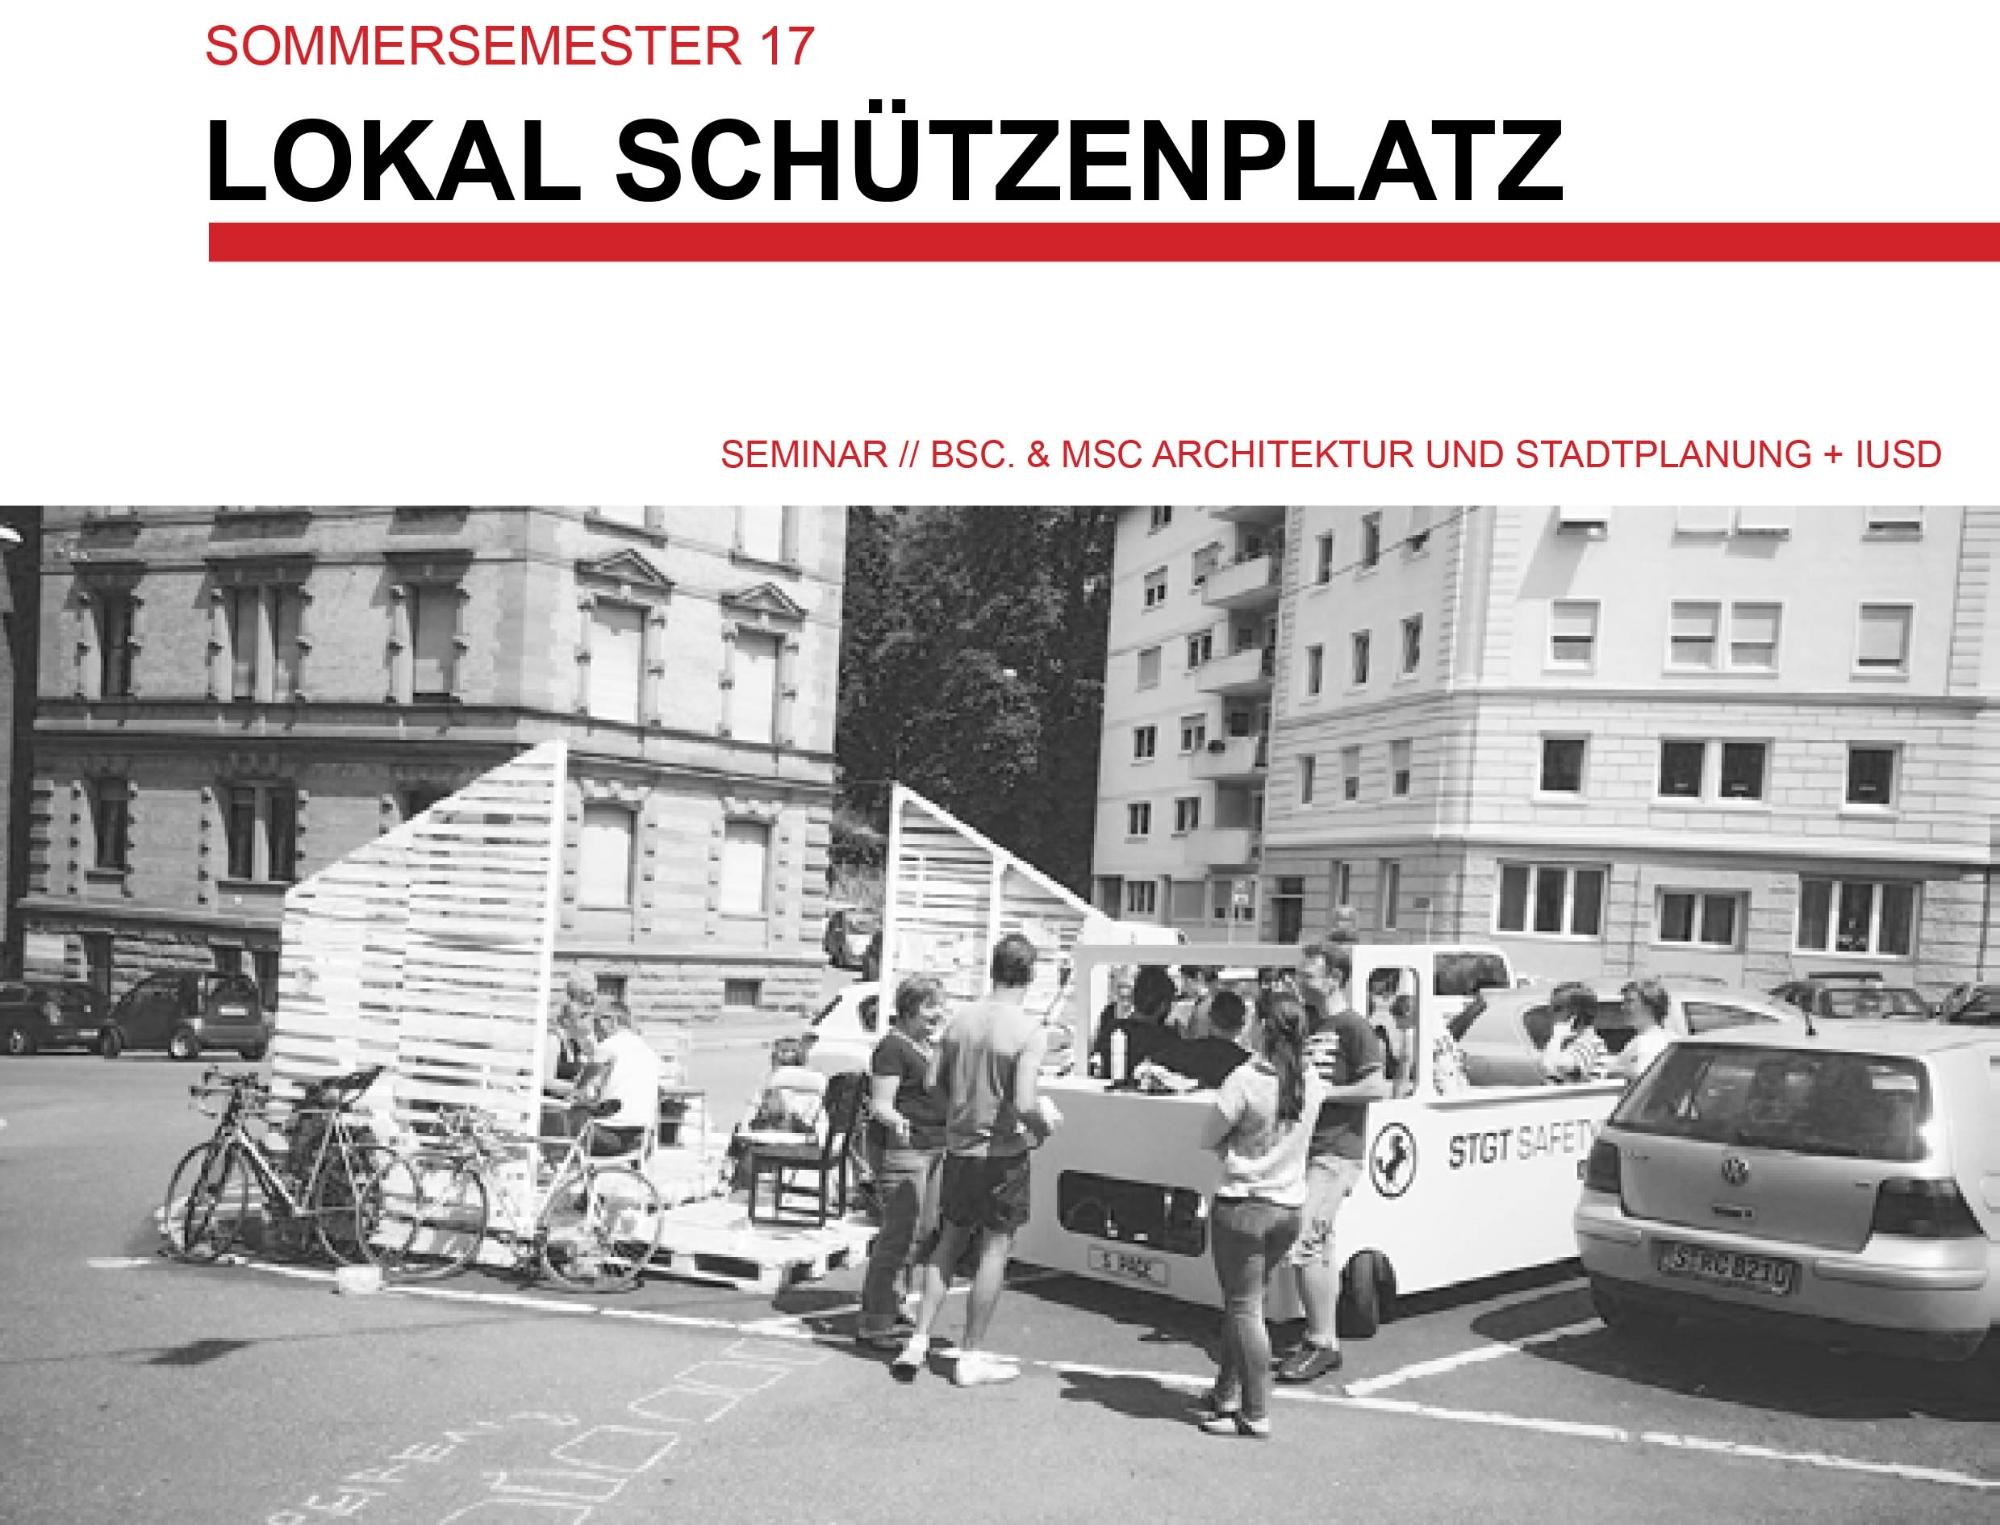 Aushang_Bild Lokal Schützenplatz Bsc